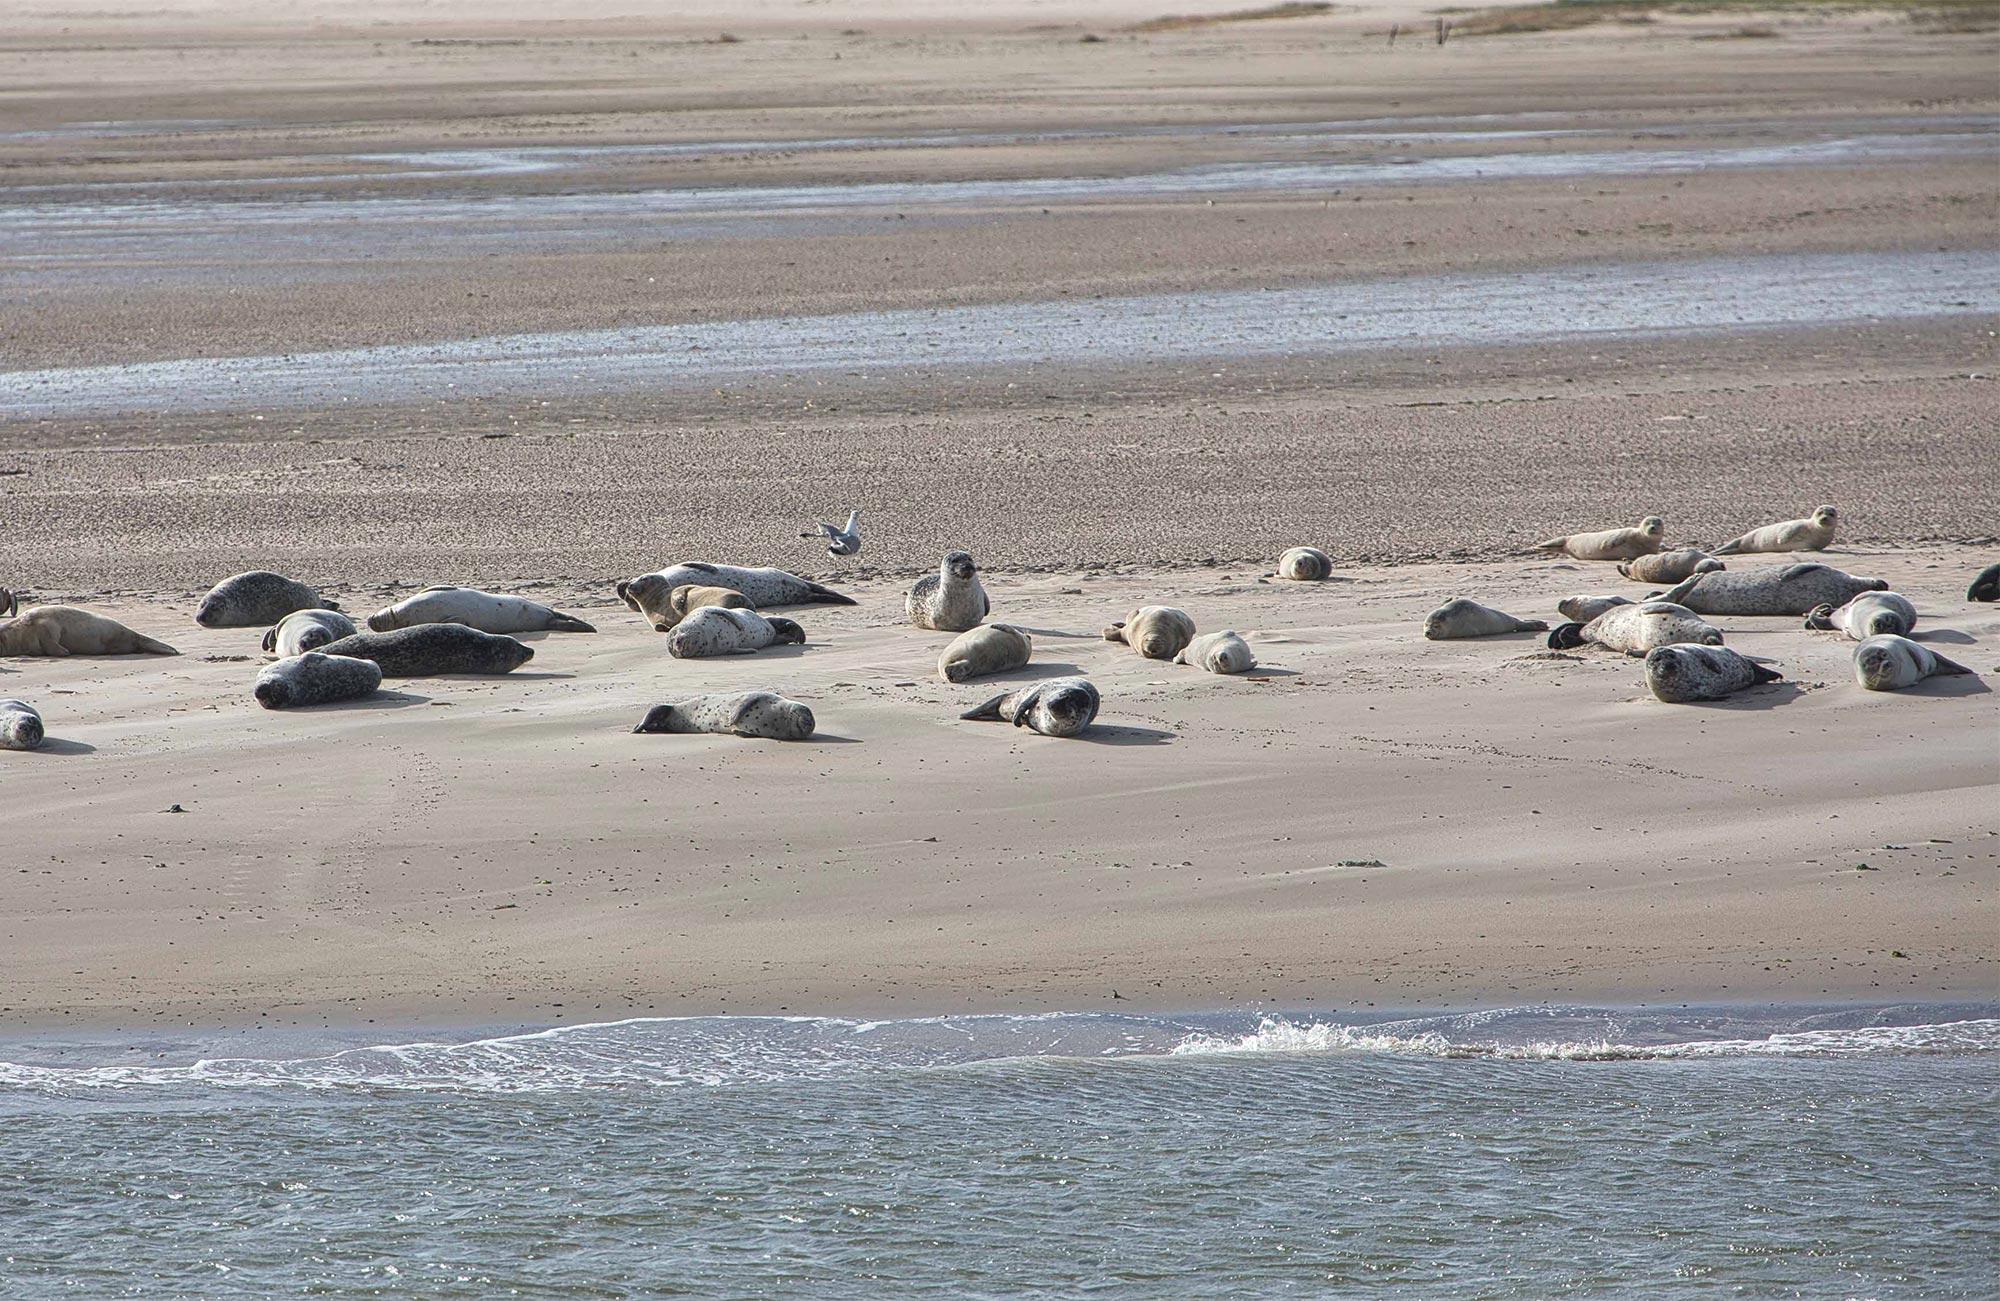 Die Bewohner der kleinsten ostfriesischen Inseln teilen sich die Insel mit diesen süßen Robben